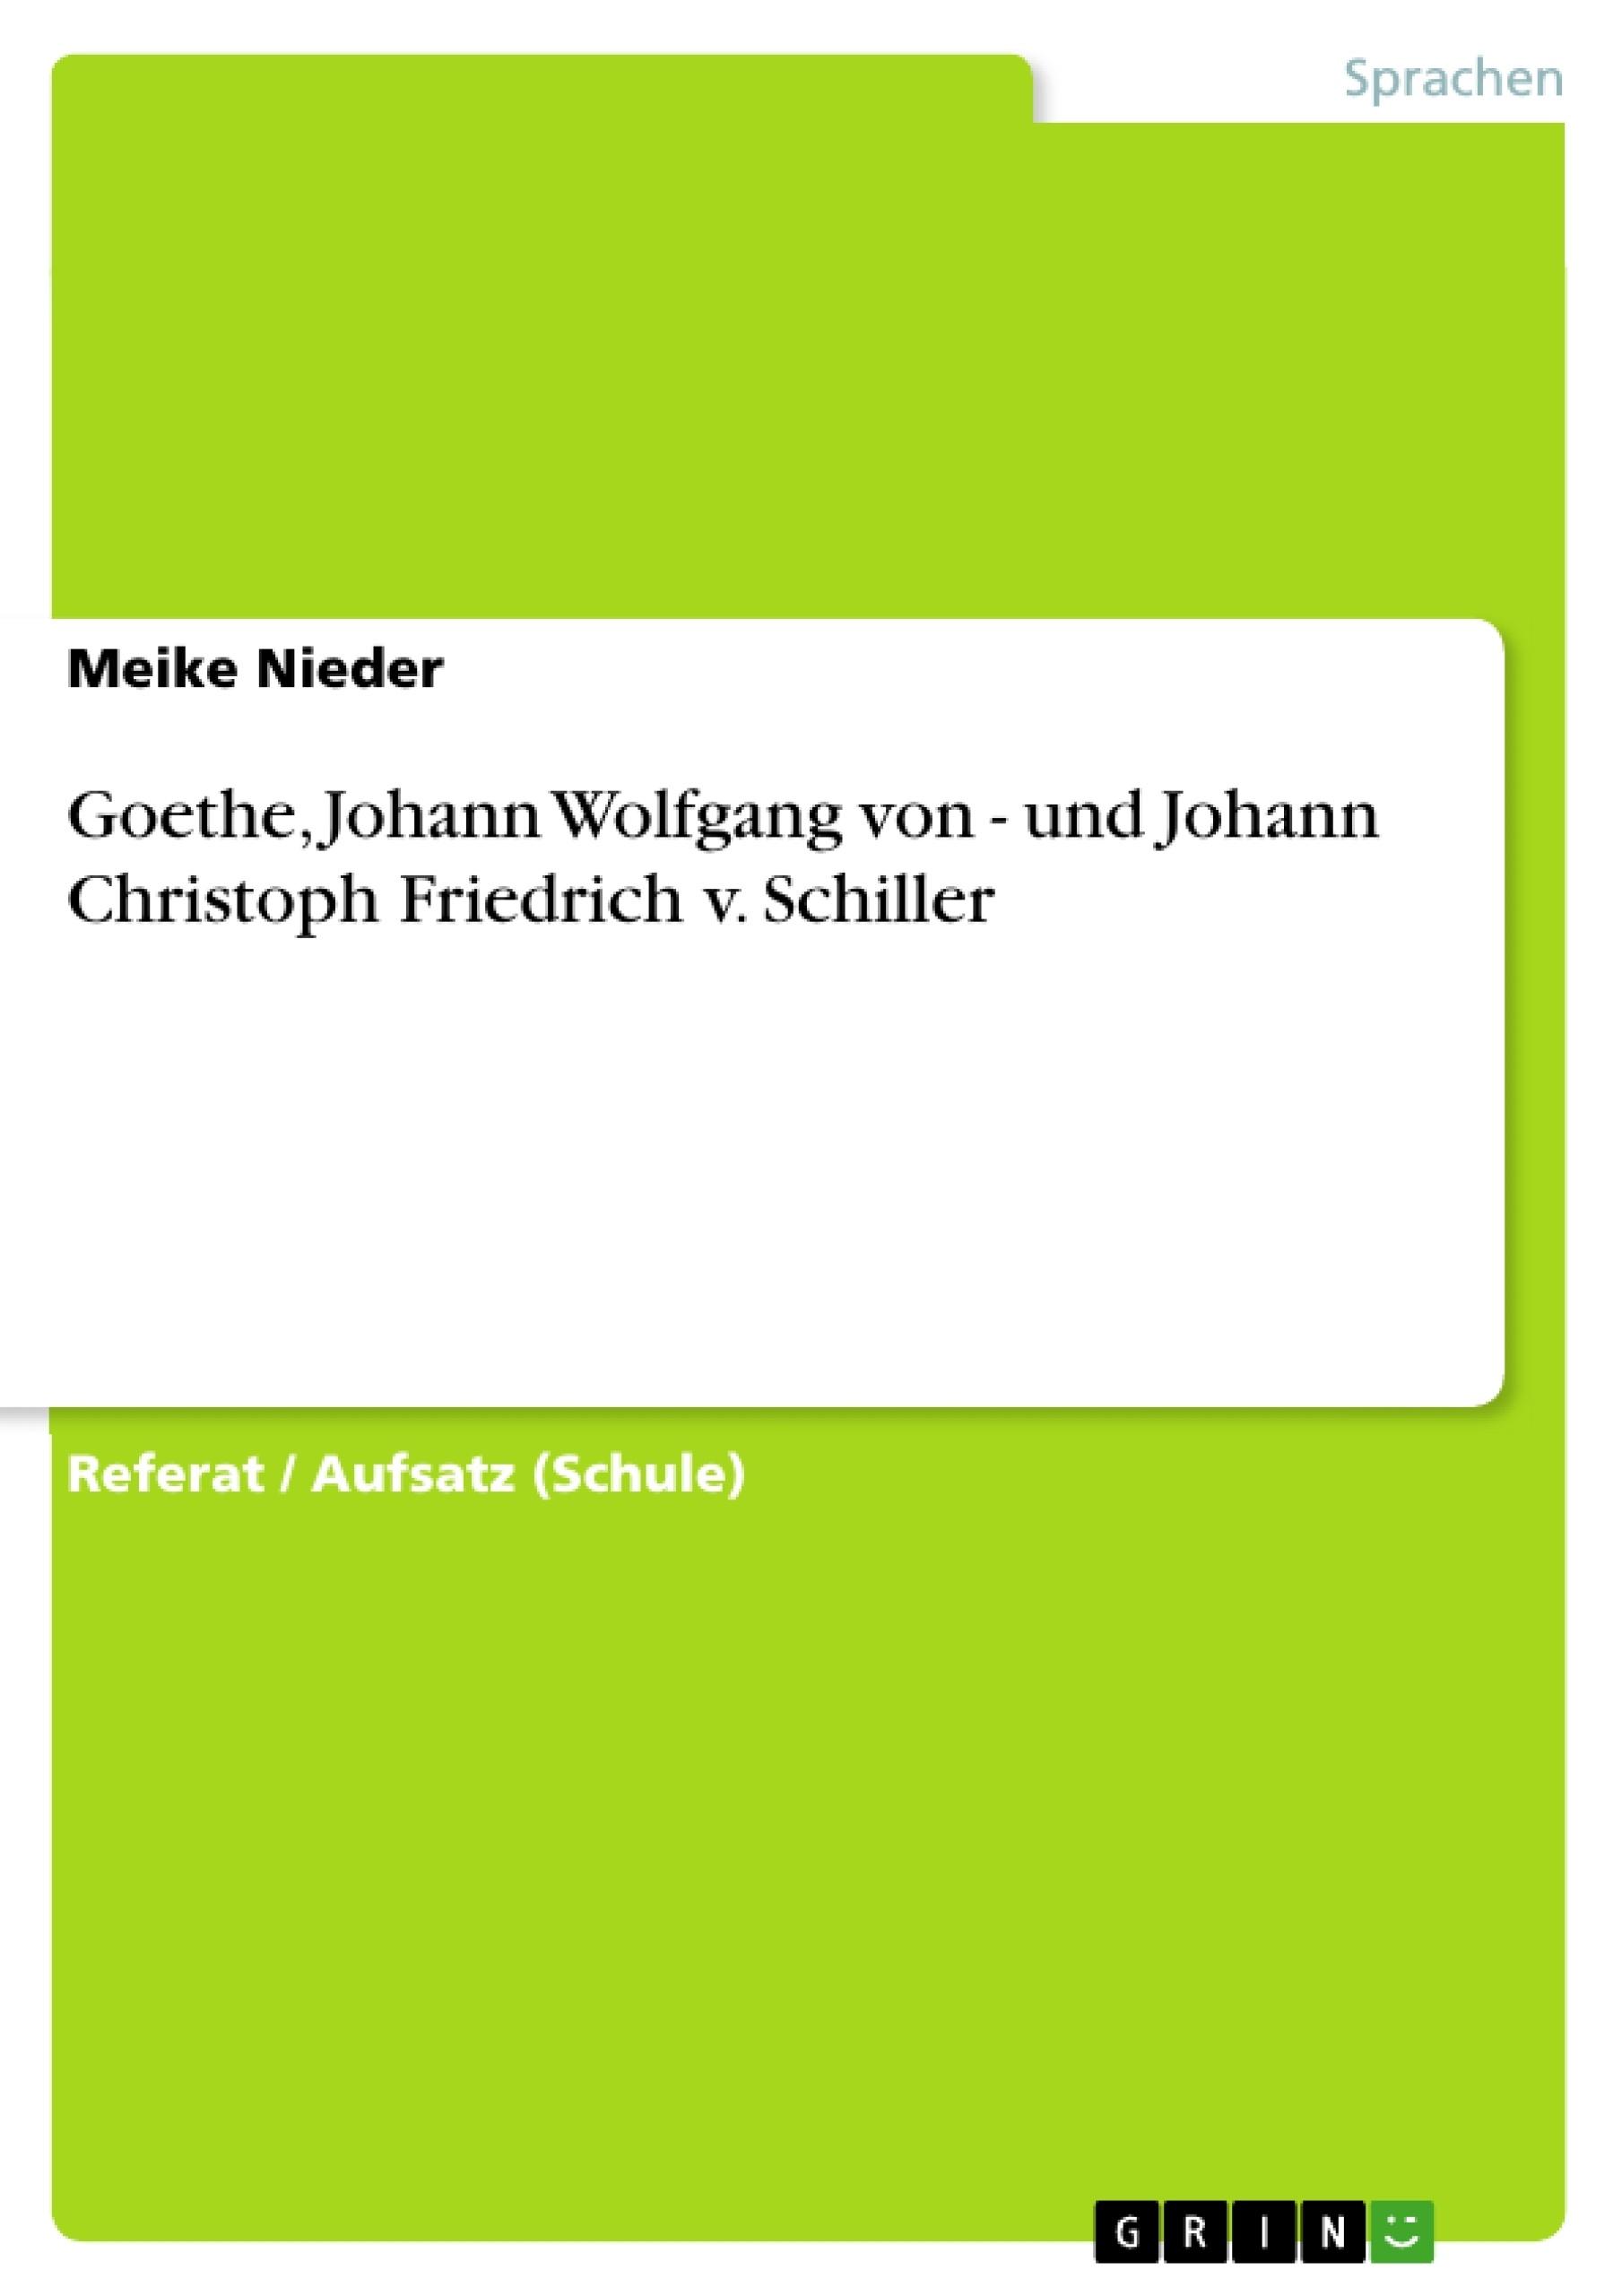 Titel: Goethe, Johann Wolfgang von - und Johann Christoph Friedrich v. Schiller